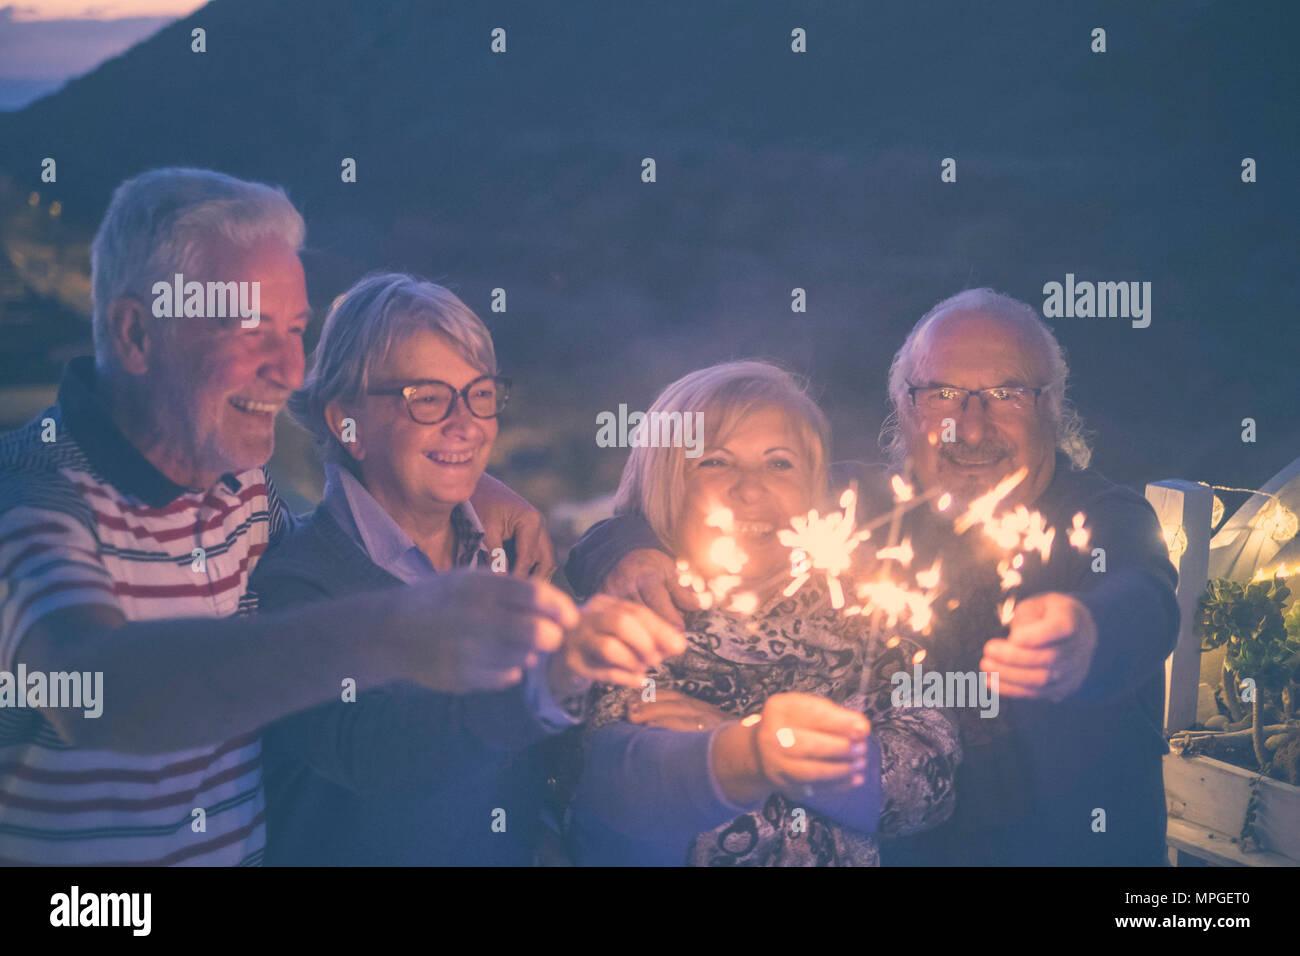 Event Silvester um Mitternacht feiern für die Gruppe von netten Menschen schöne älterer Erwachsener. Männer und Frauen mit funkelt Außenpool bei Nacht Stockbild